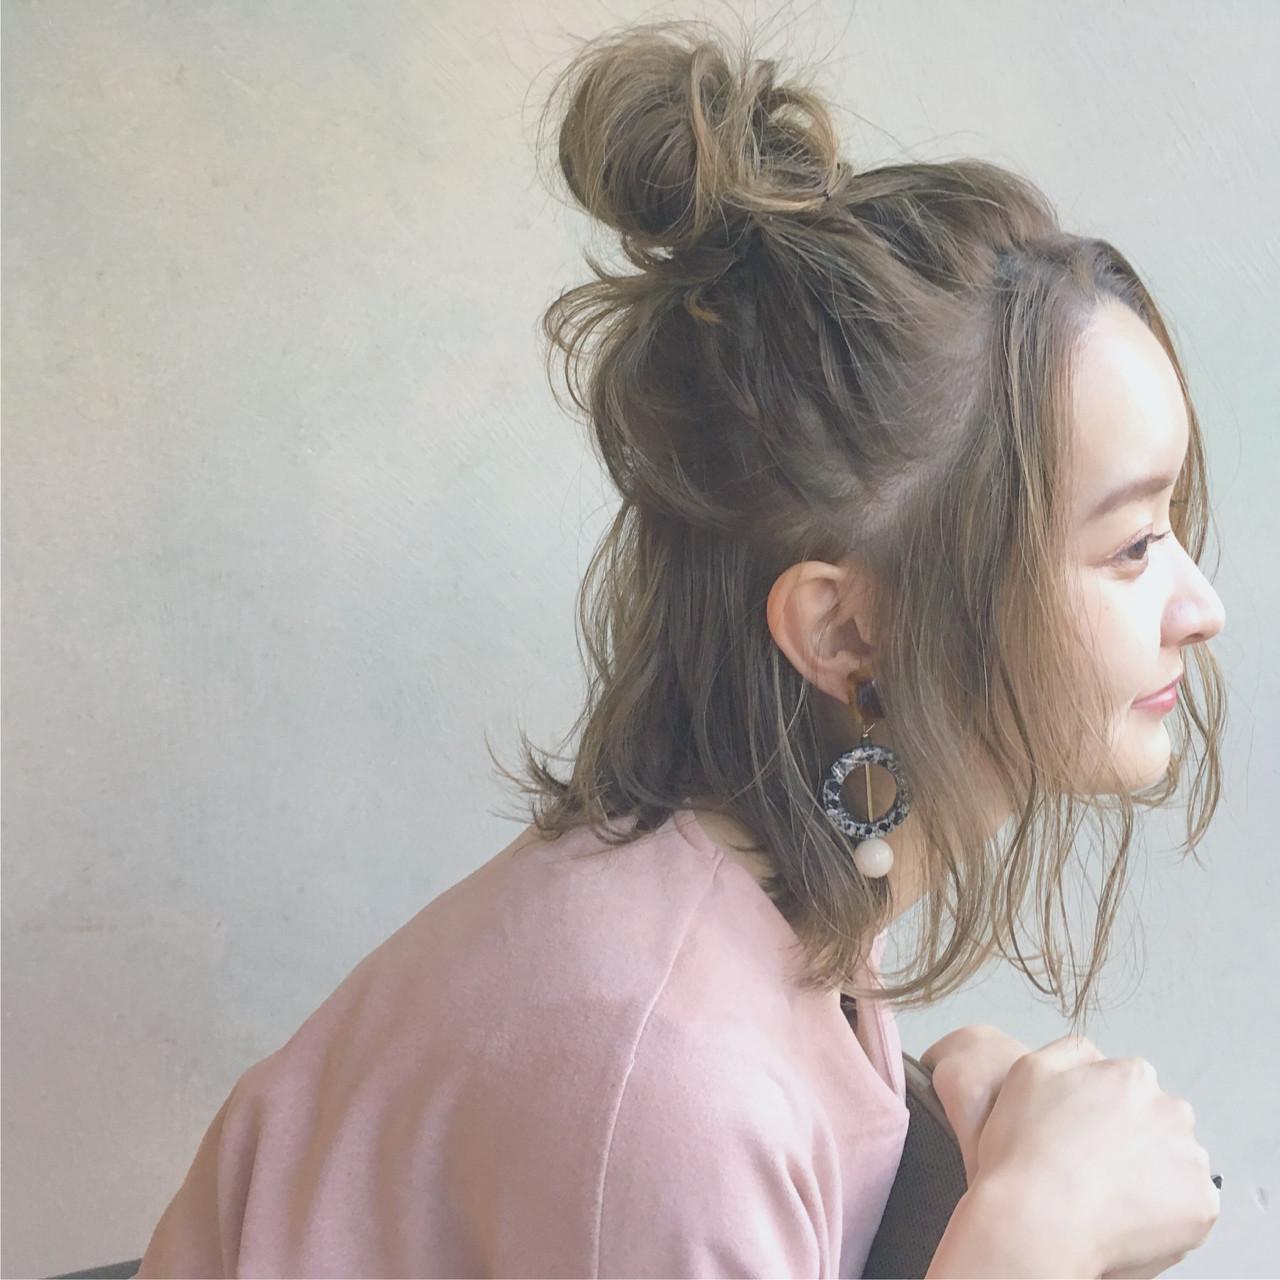 コンプレックスをかわいいに♡丸顔さんにおすすめの髪型アレンジ10選 秋山 絵梨香 / DECO